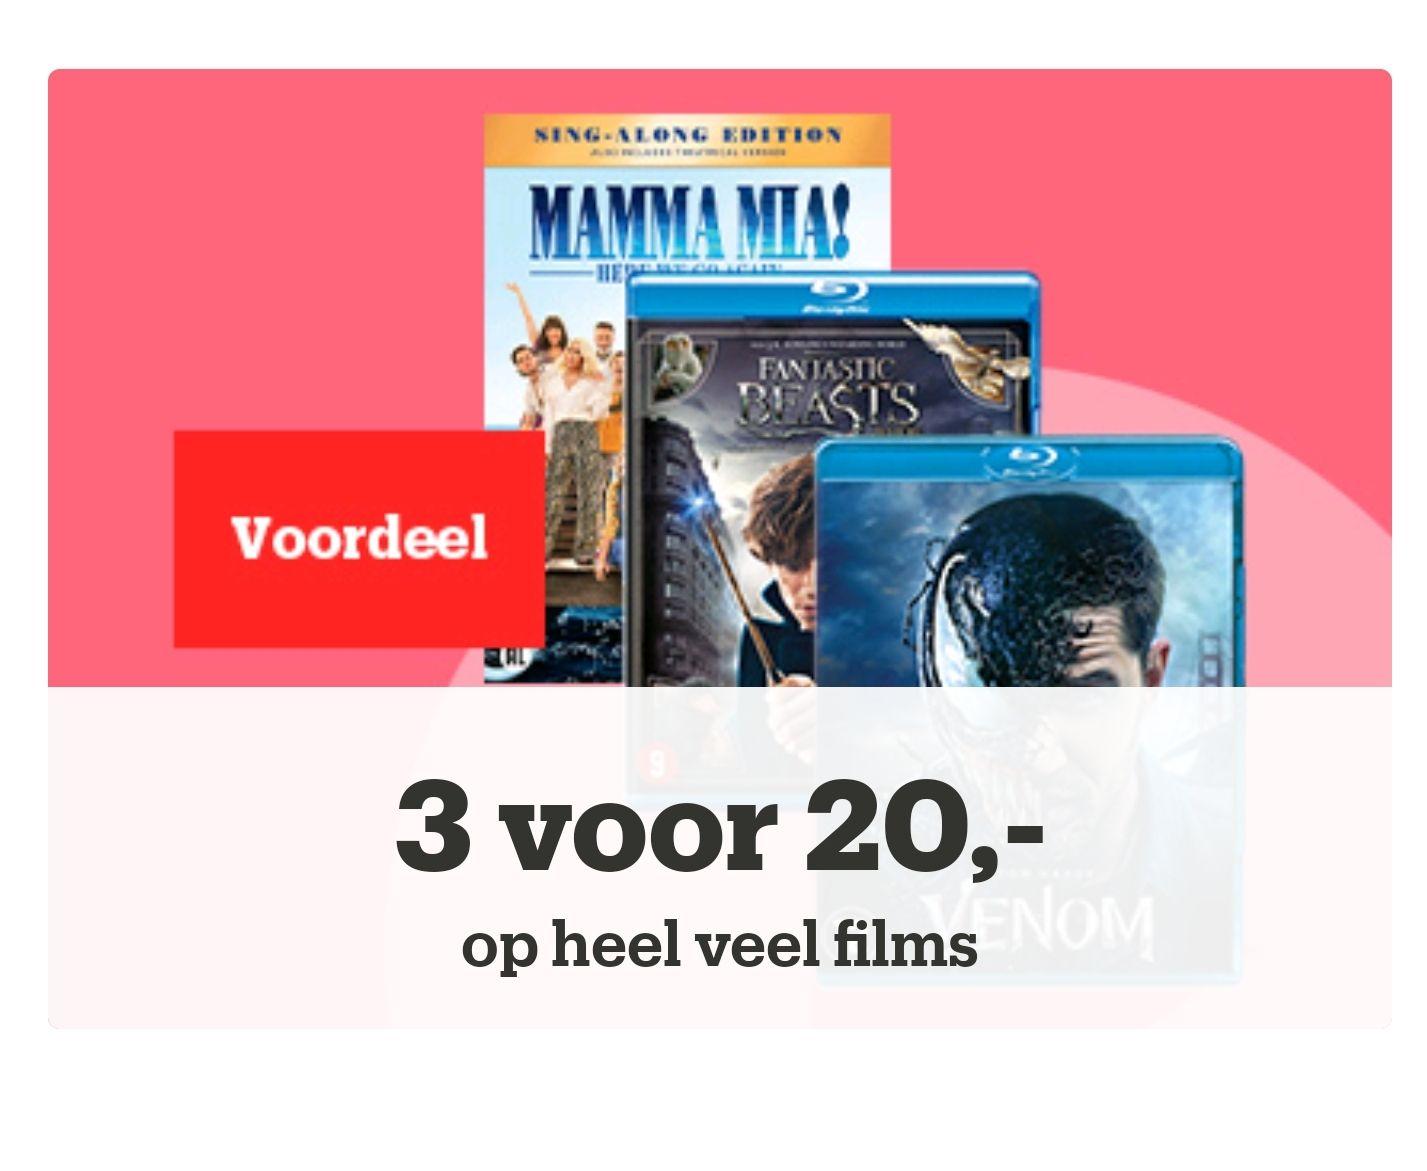 3 voor 20,- op heel veel films